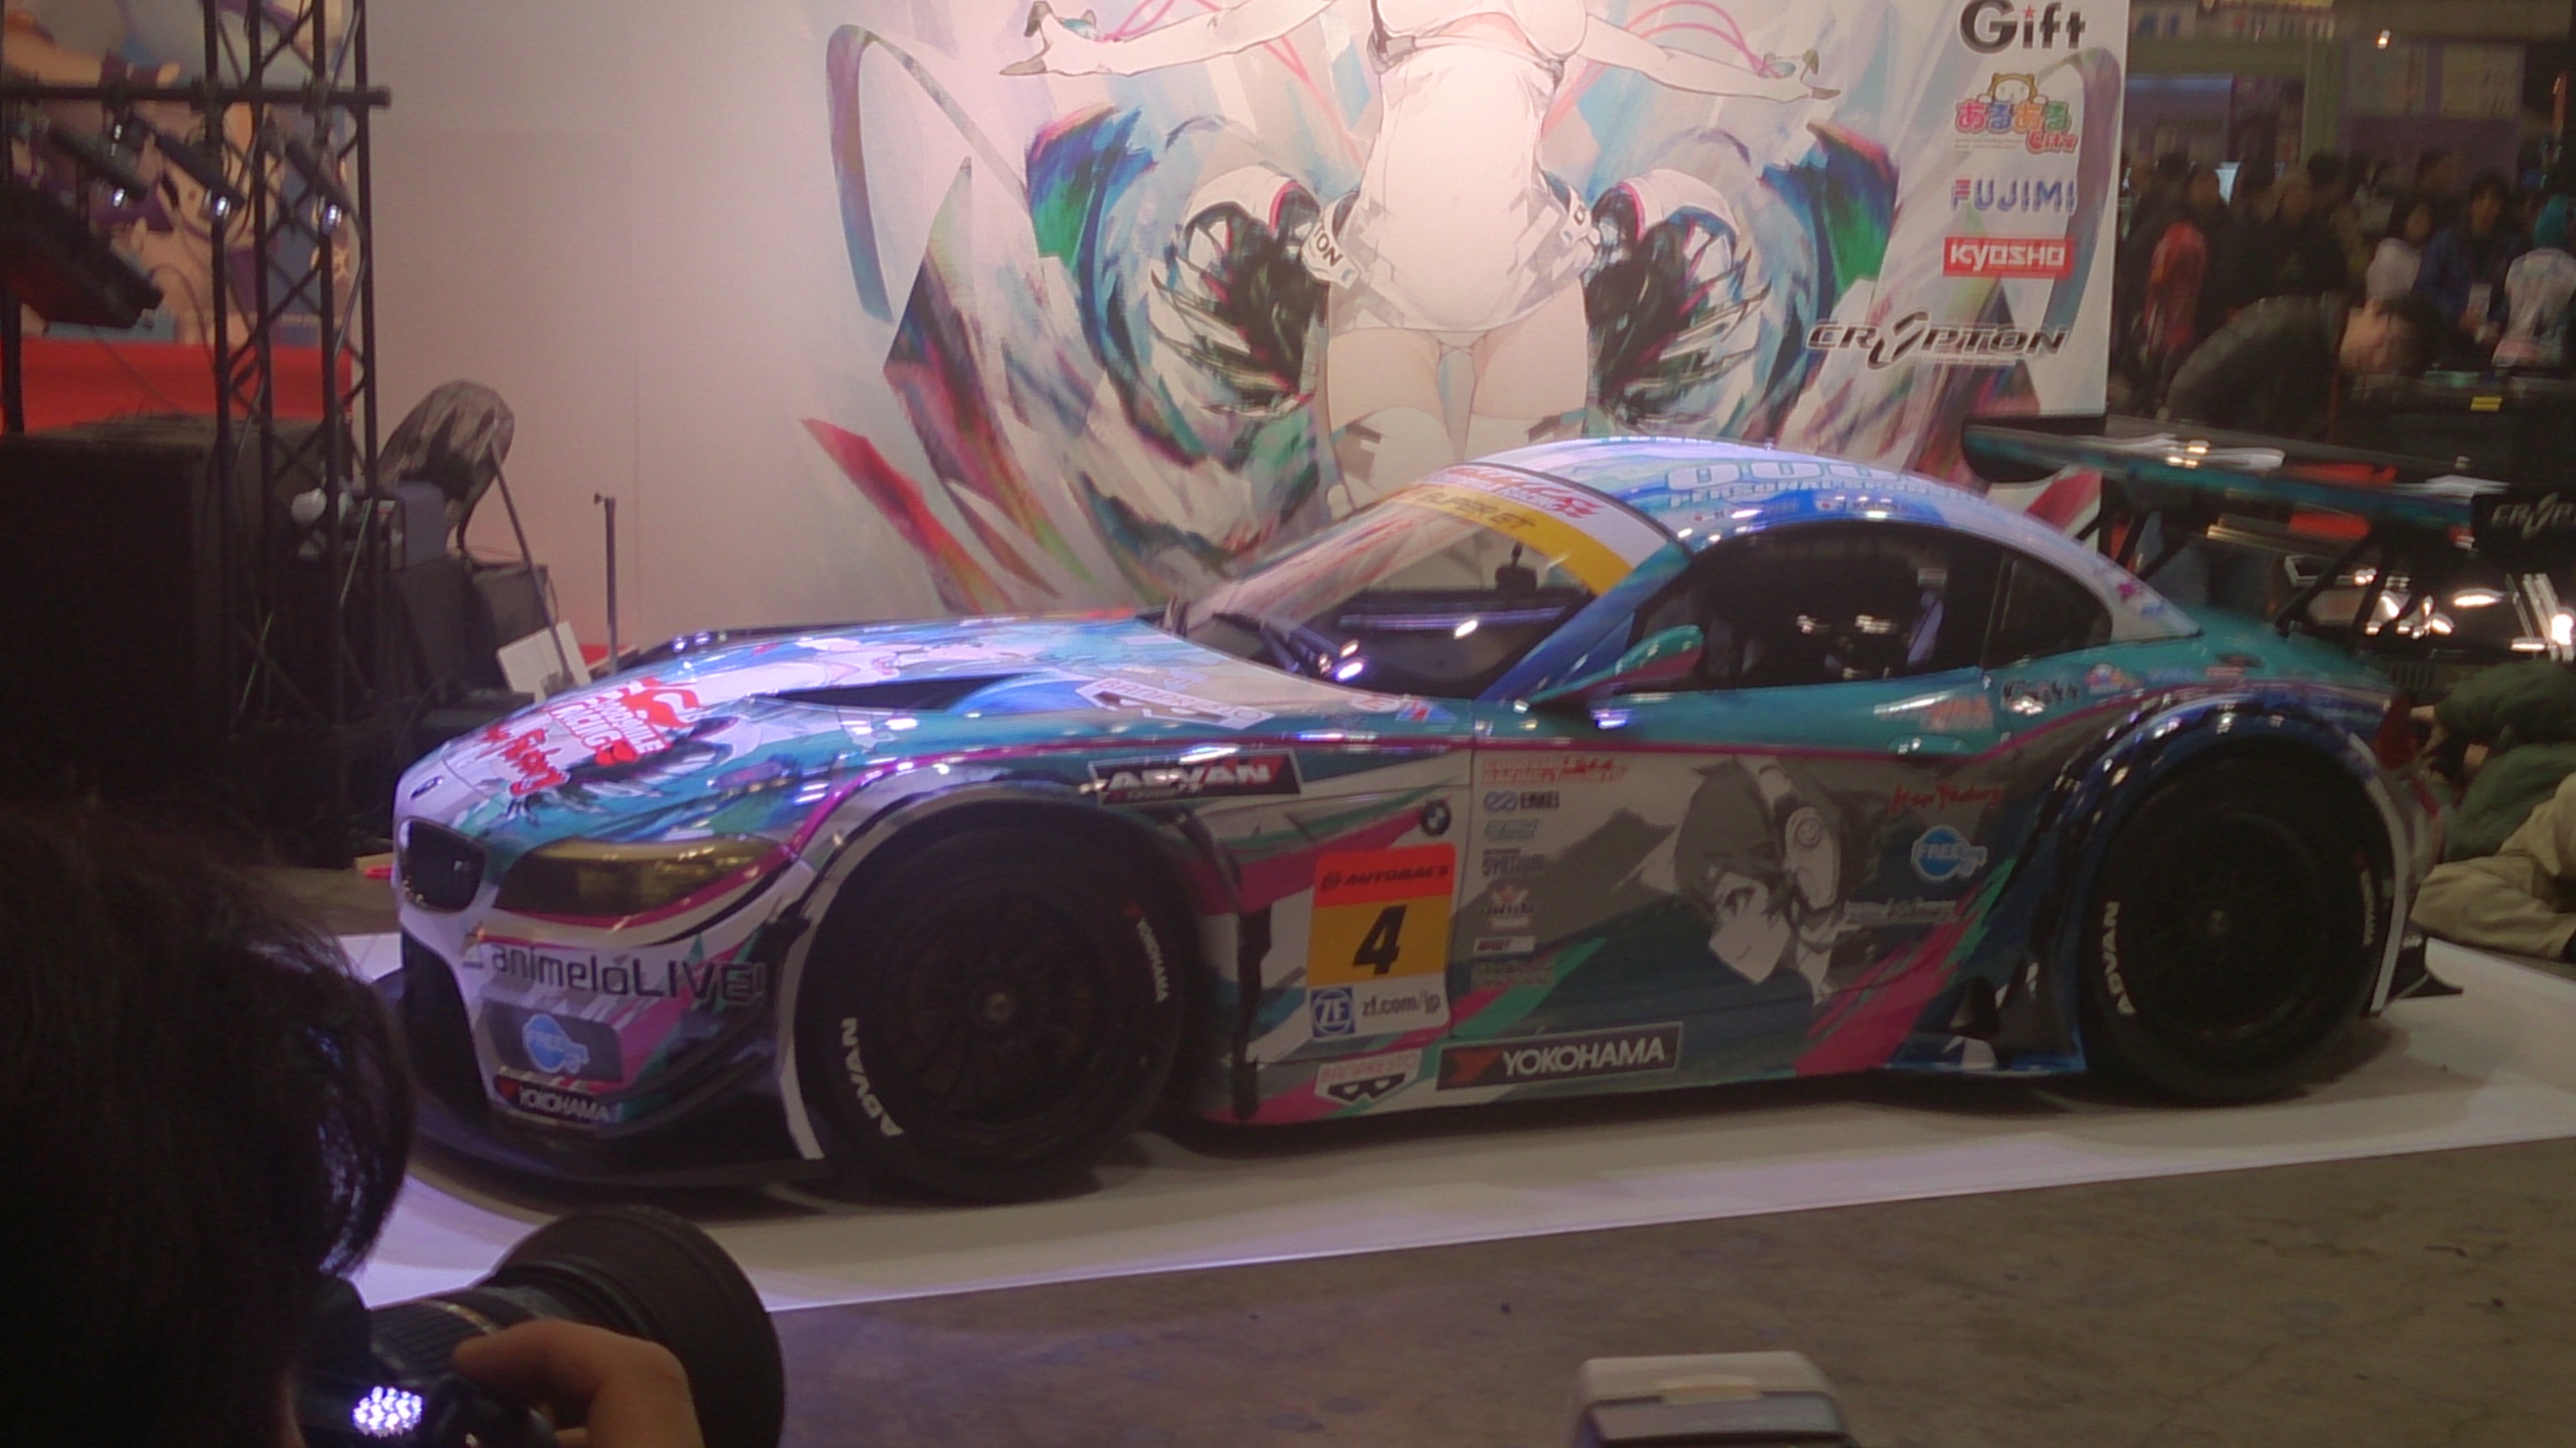 GSR 初音ミク BMW 2014